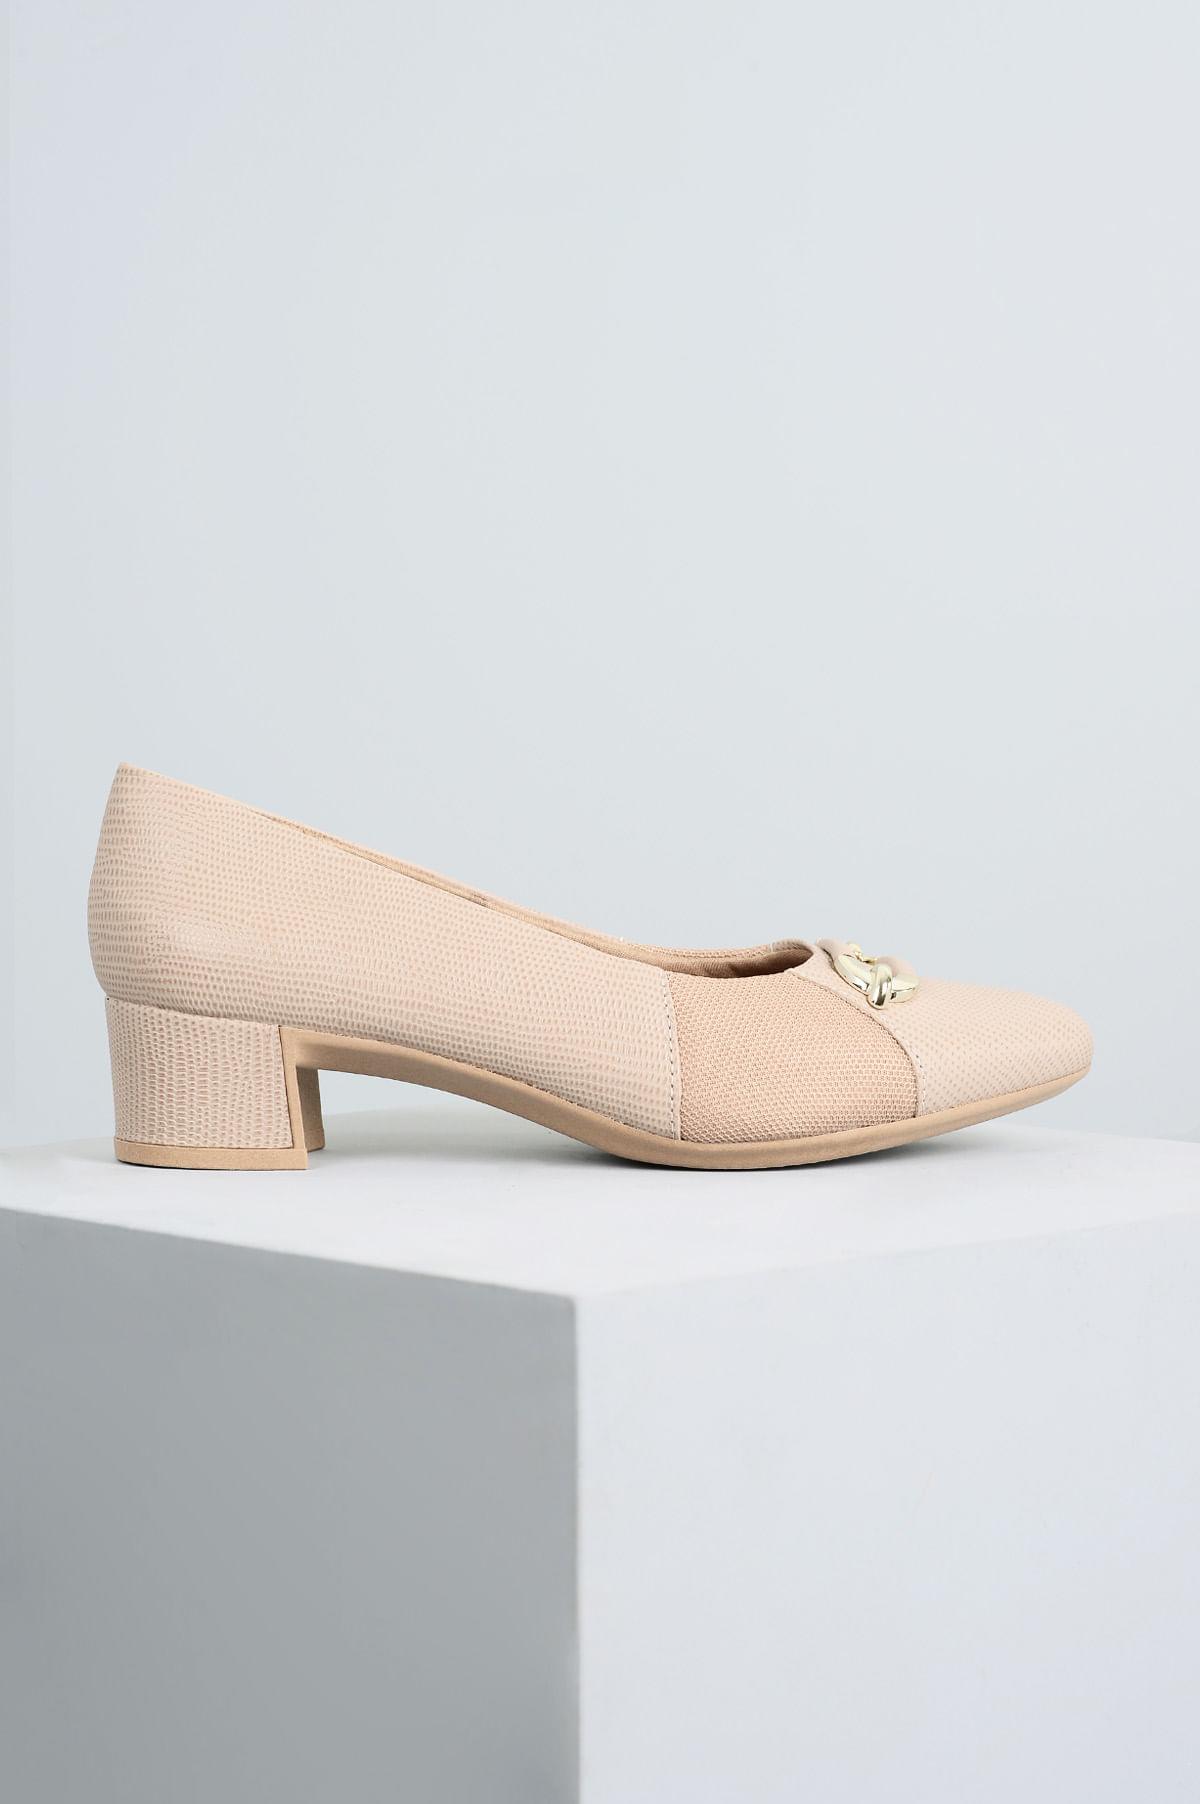 fb8c5af43 Sapato Feminino Salto Baixo Pagie Usaflex CR - BEGE - Mundial Calçados